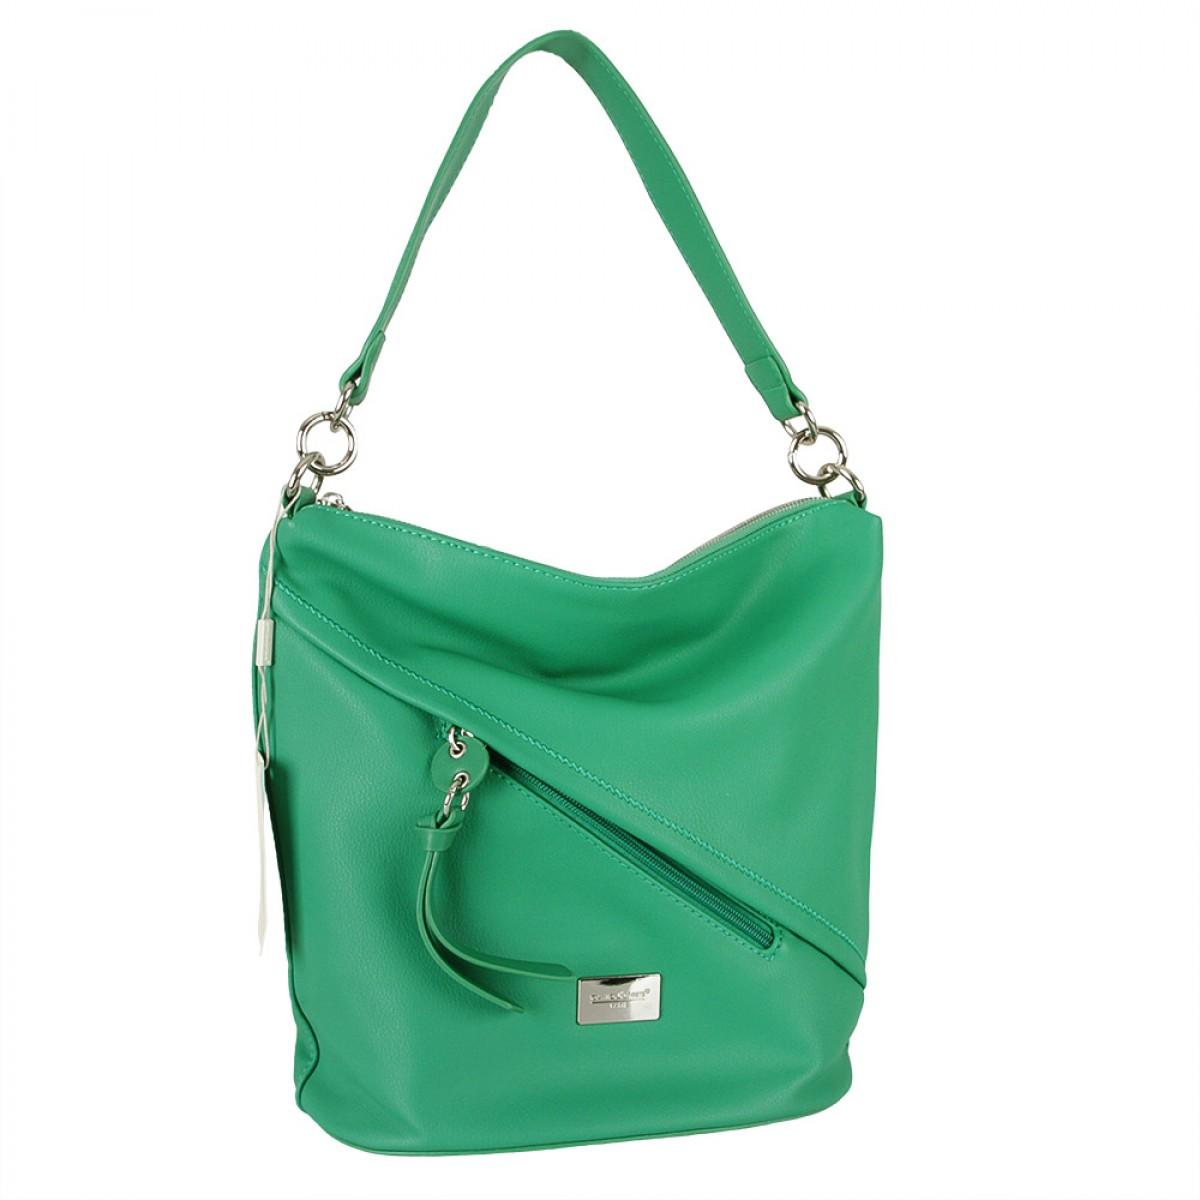 Жіноча сумка David Jones  6265-1 GREEN